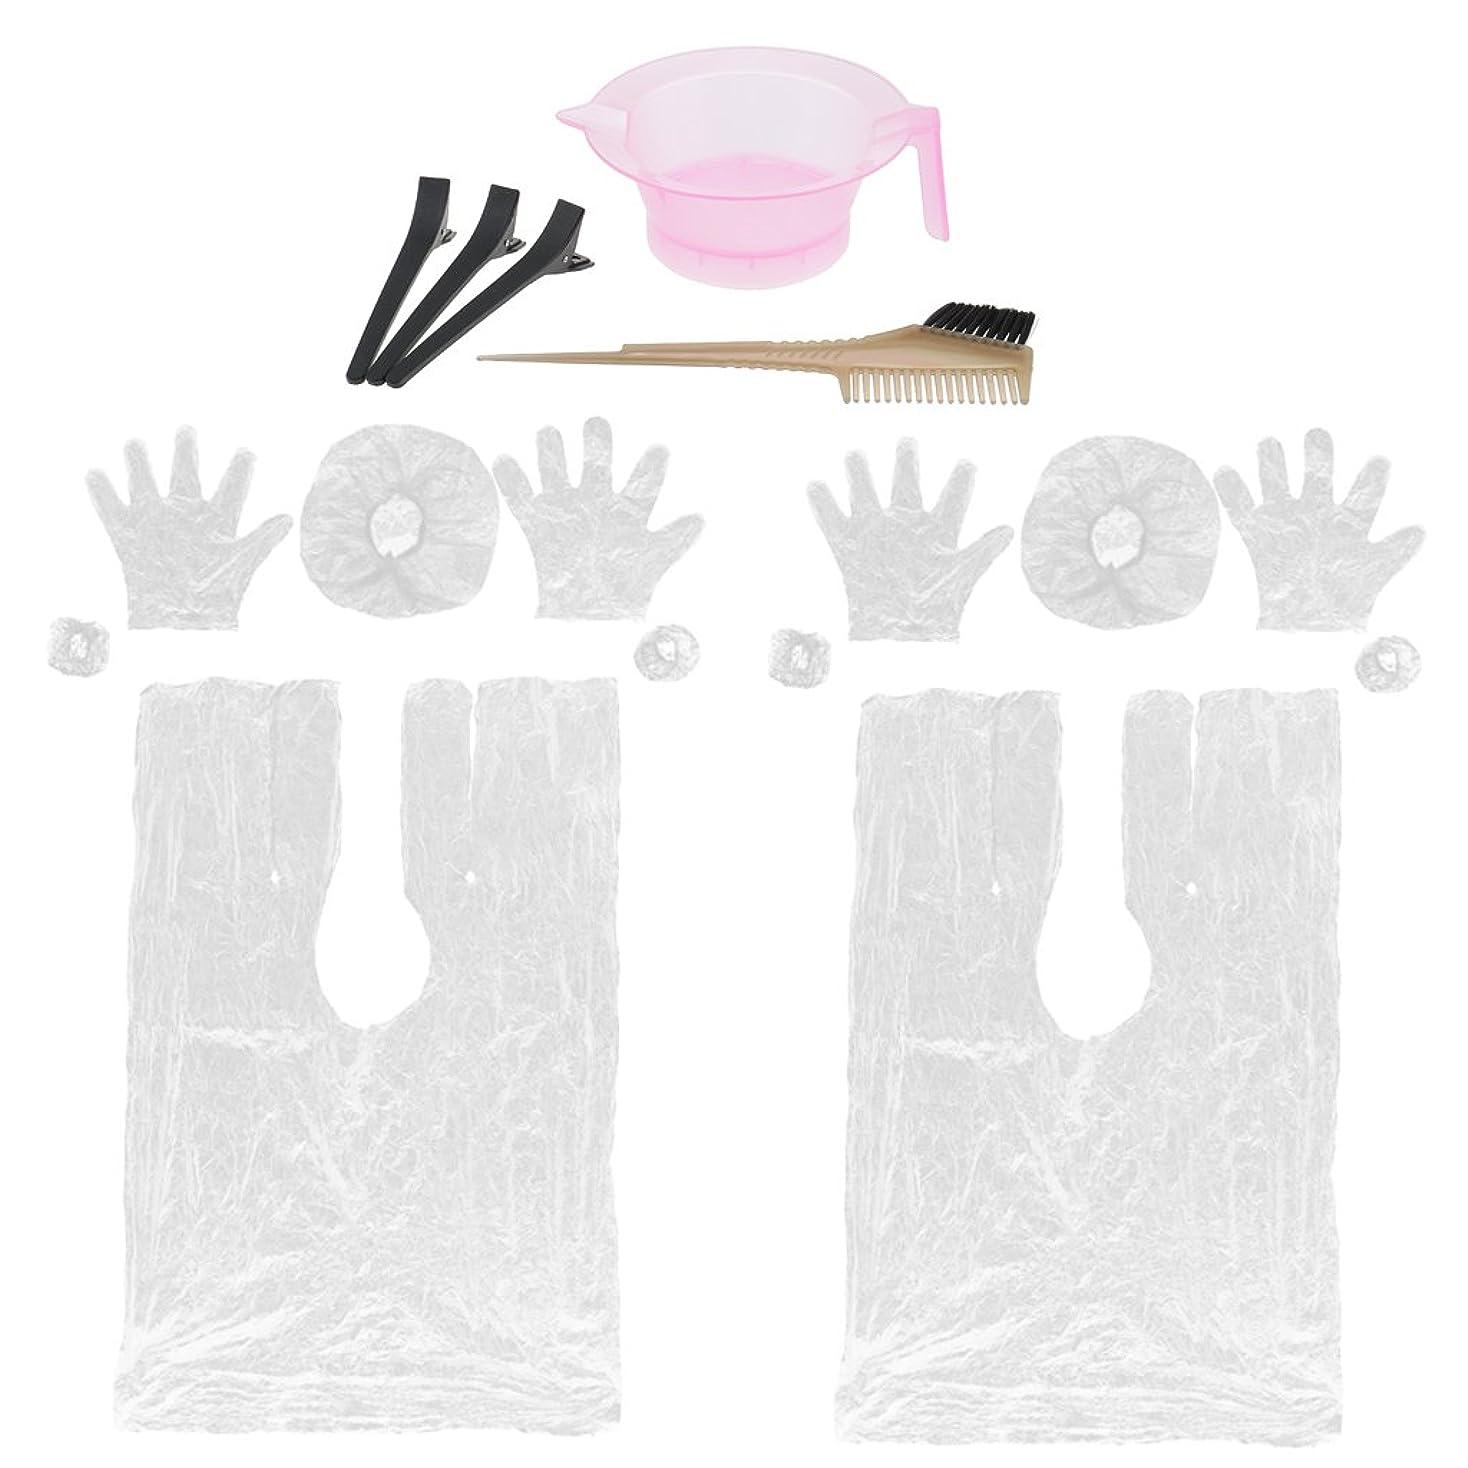 妨げる比率約束するBaoblaze 17個 髪染めキット 染色ブラシ 櫛 ミキシングボウル セクション クリップ イヤーマフス バーバーケープ キャップセット サロンツール 交換性 便利性